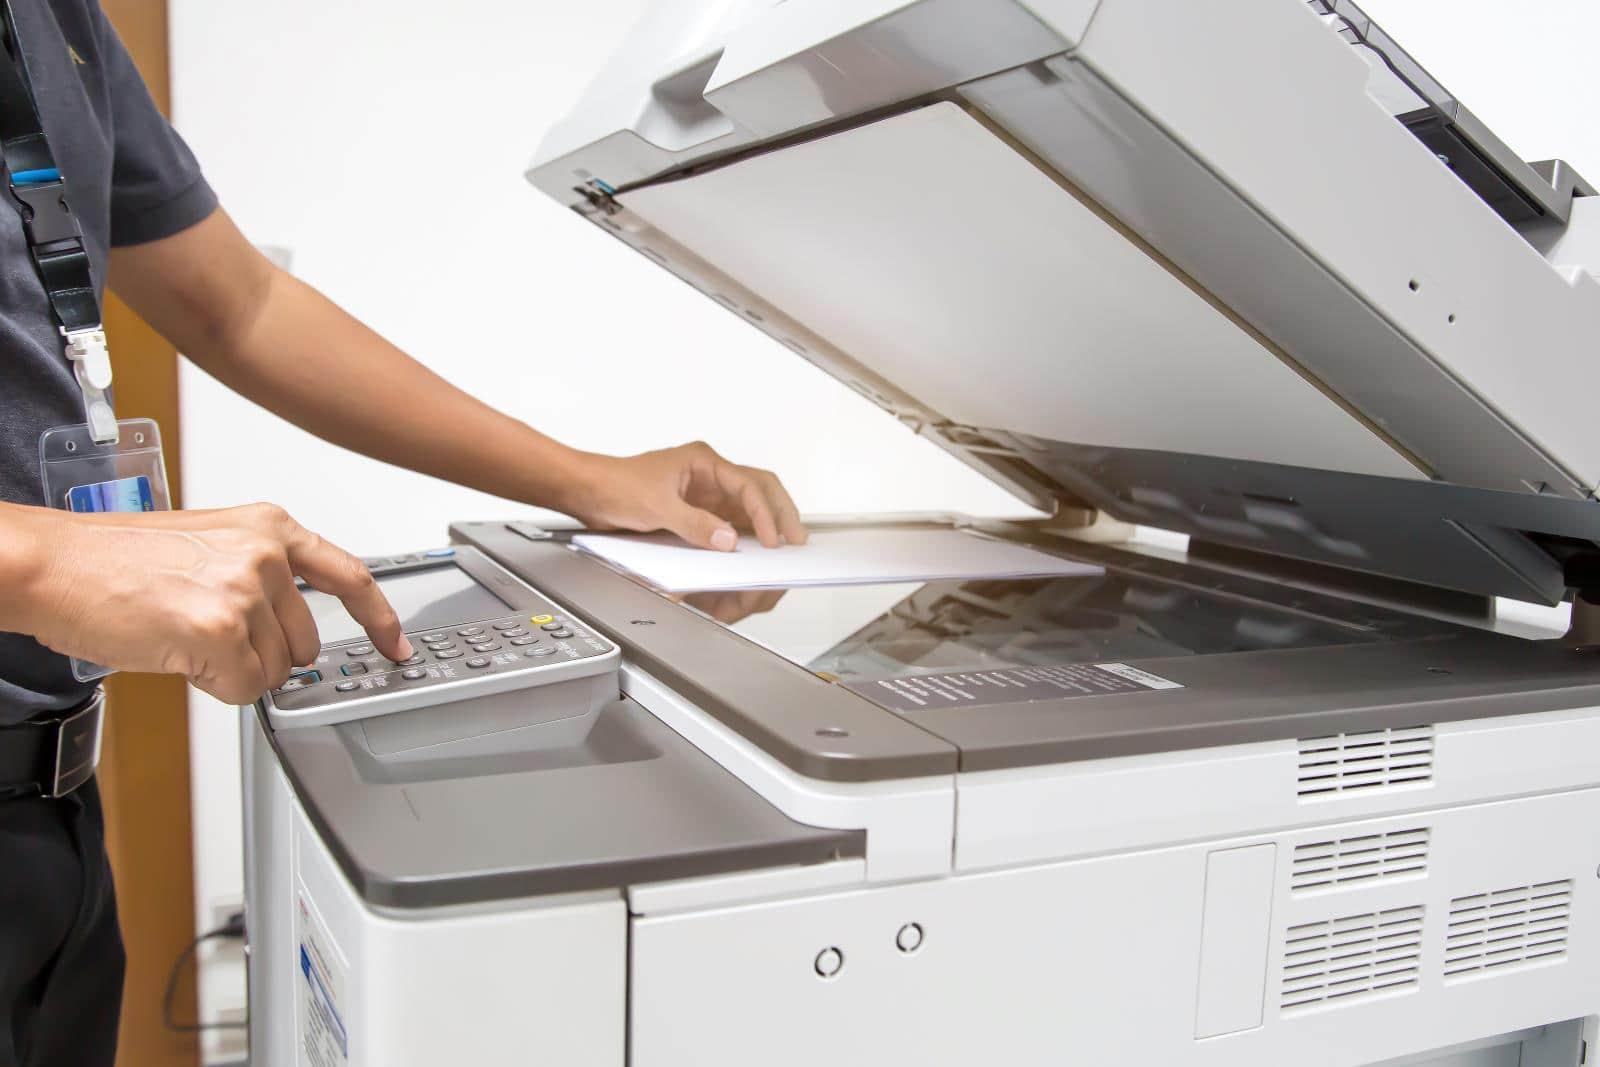 ciberseguridad en impresoras